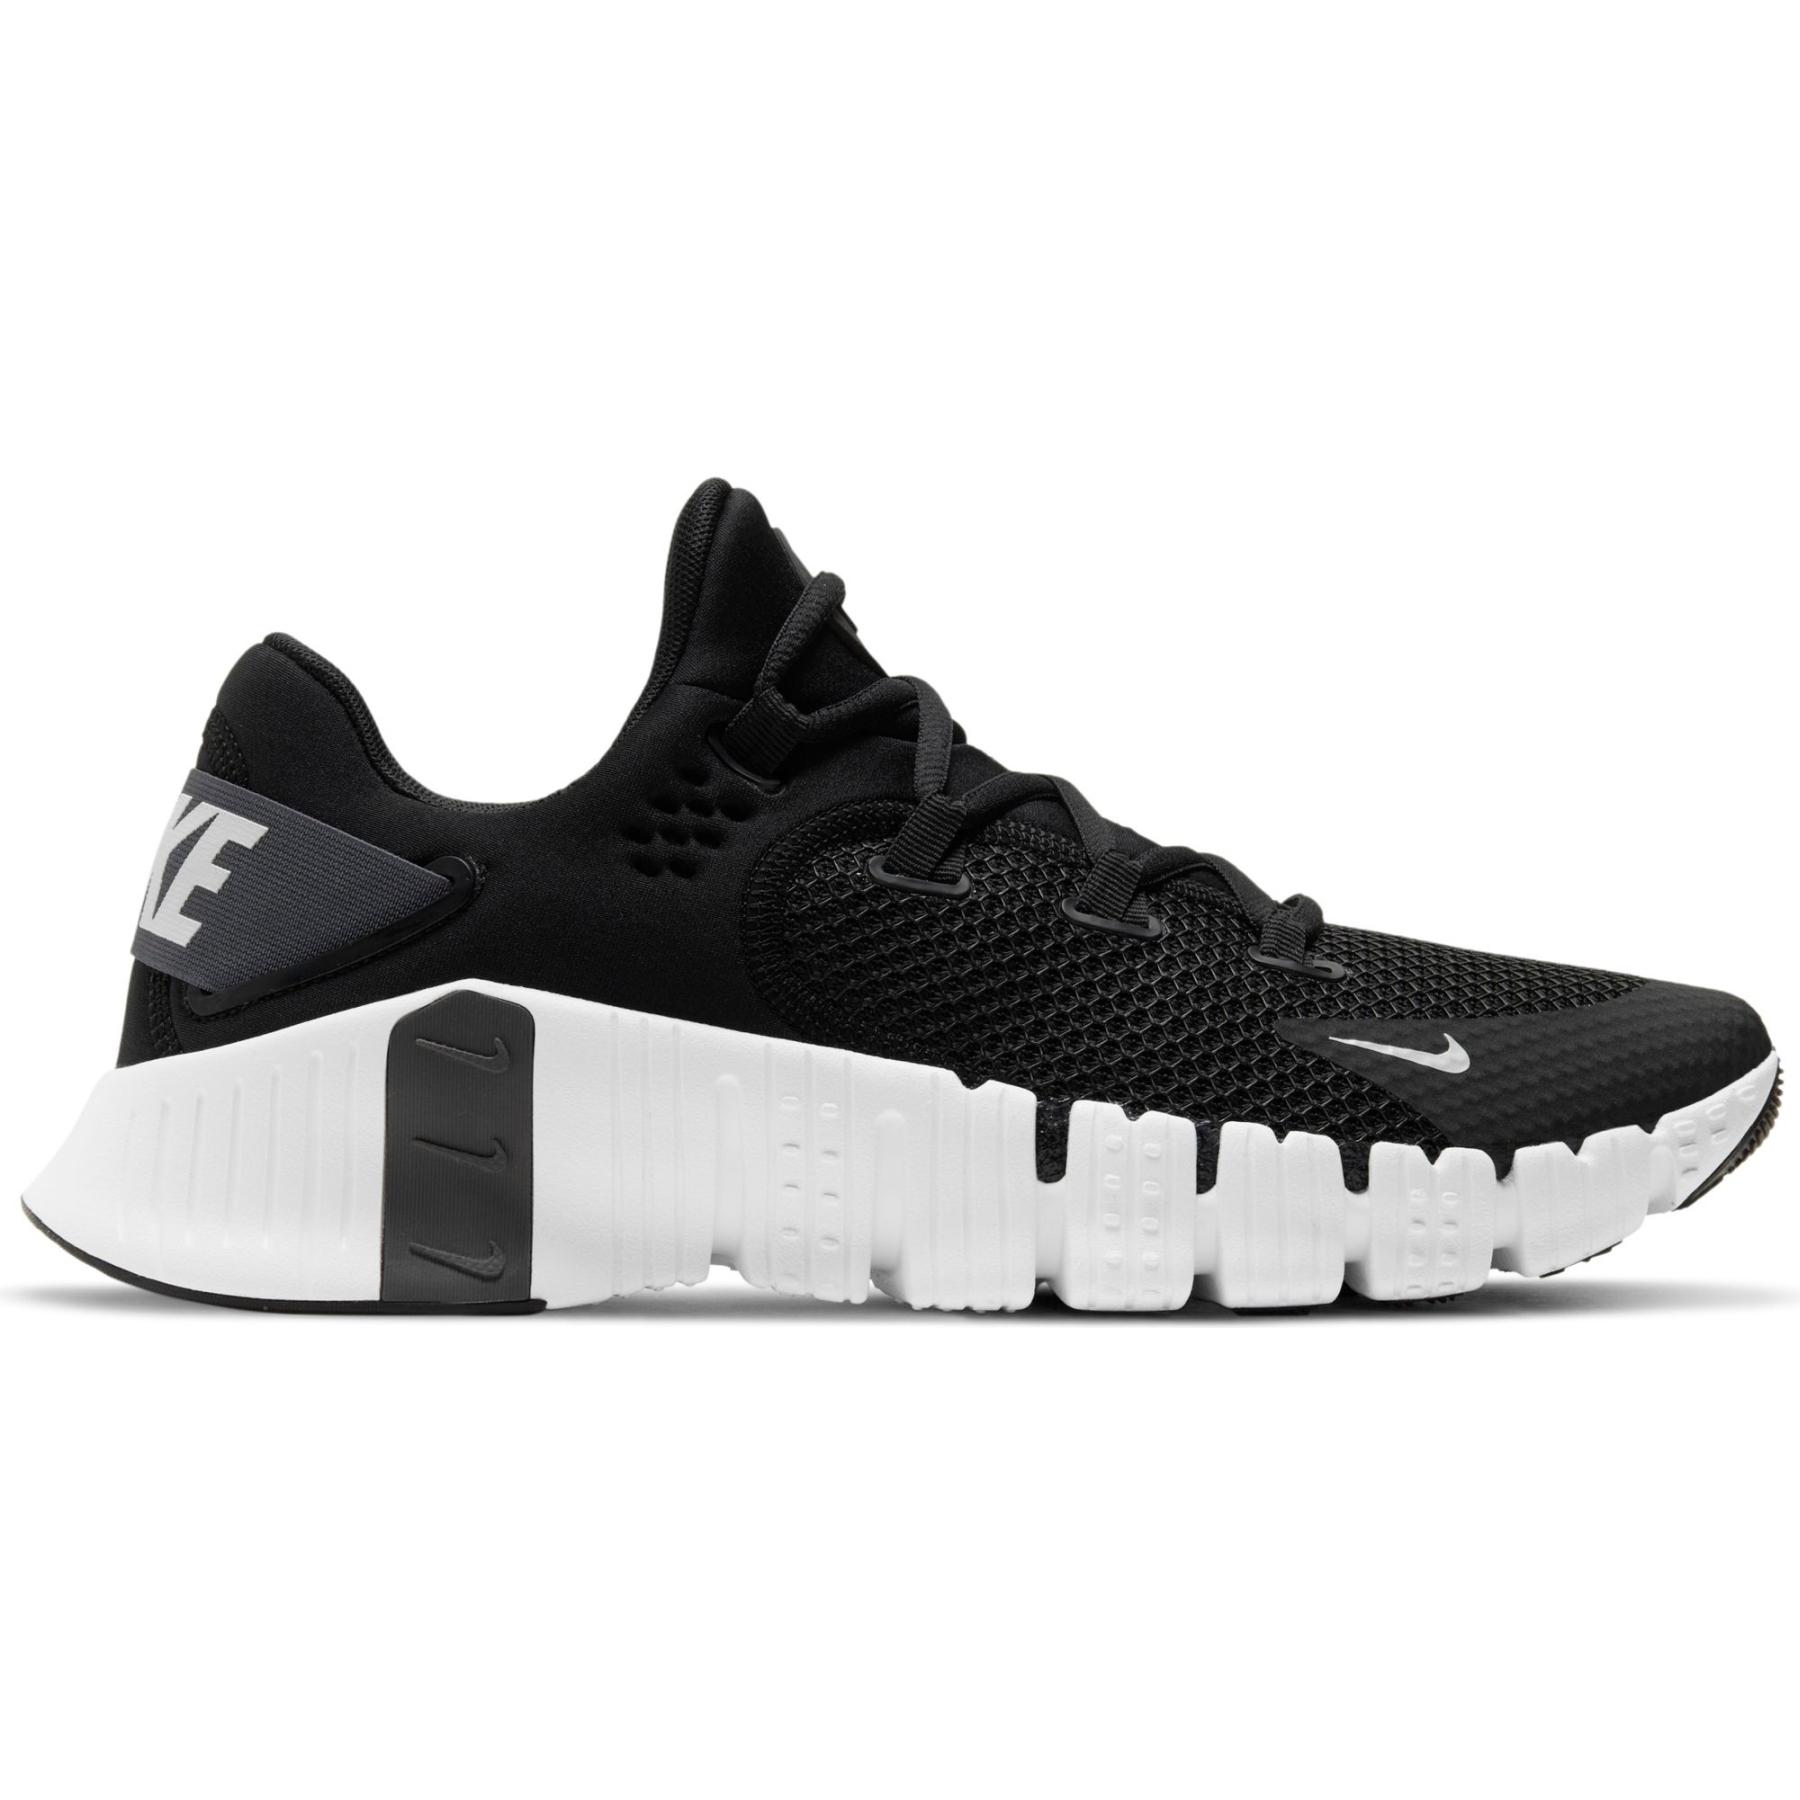 Produktbild von Nike Free Metcon 4 Herren Trainingsschuhe - black/black-iron grey-volt CT3886-010